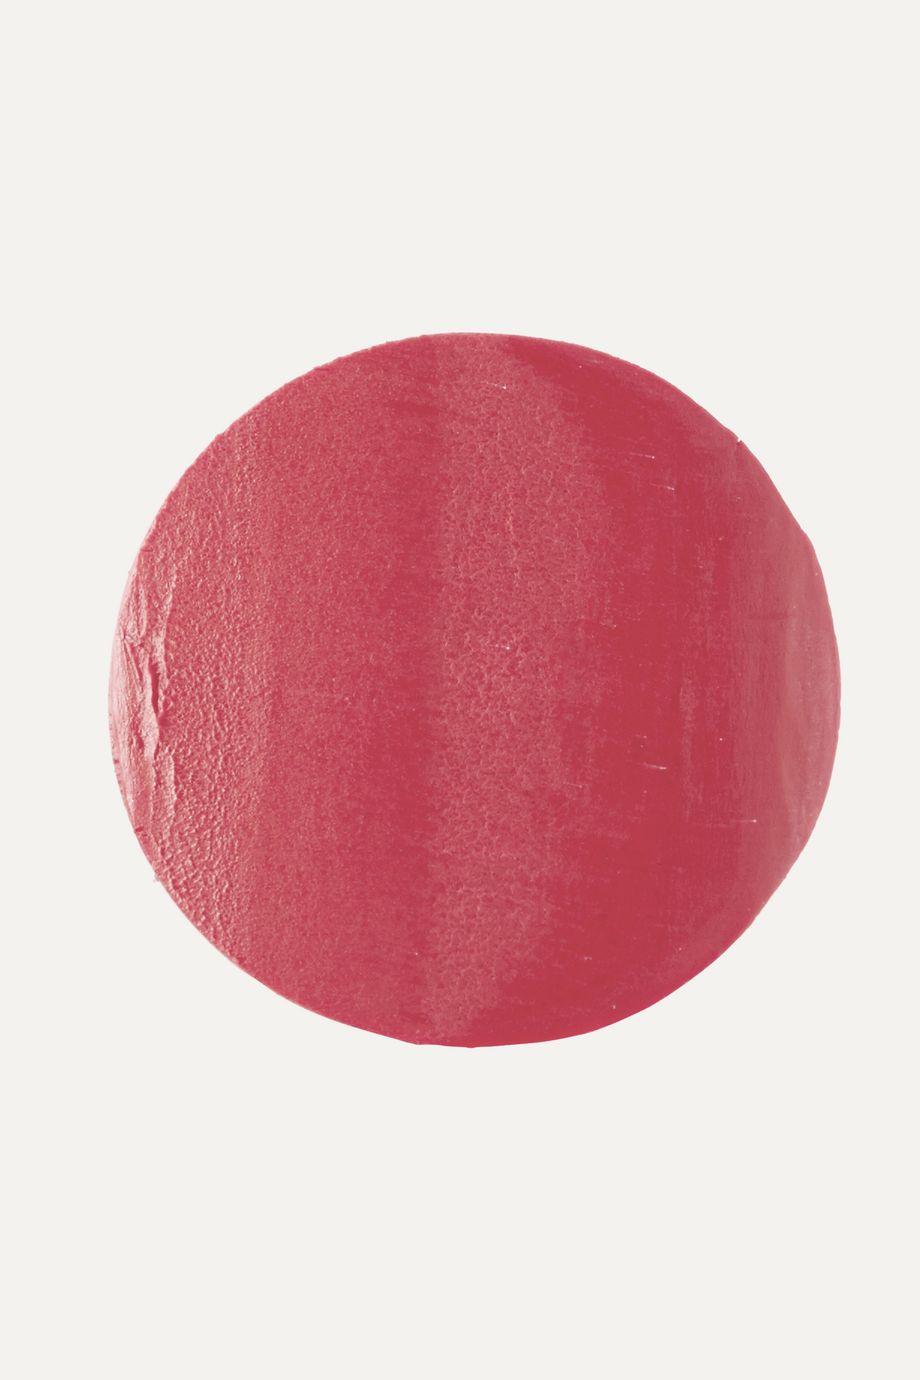 Illamasqua Lipstick - Climax